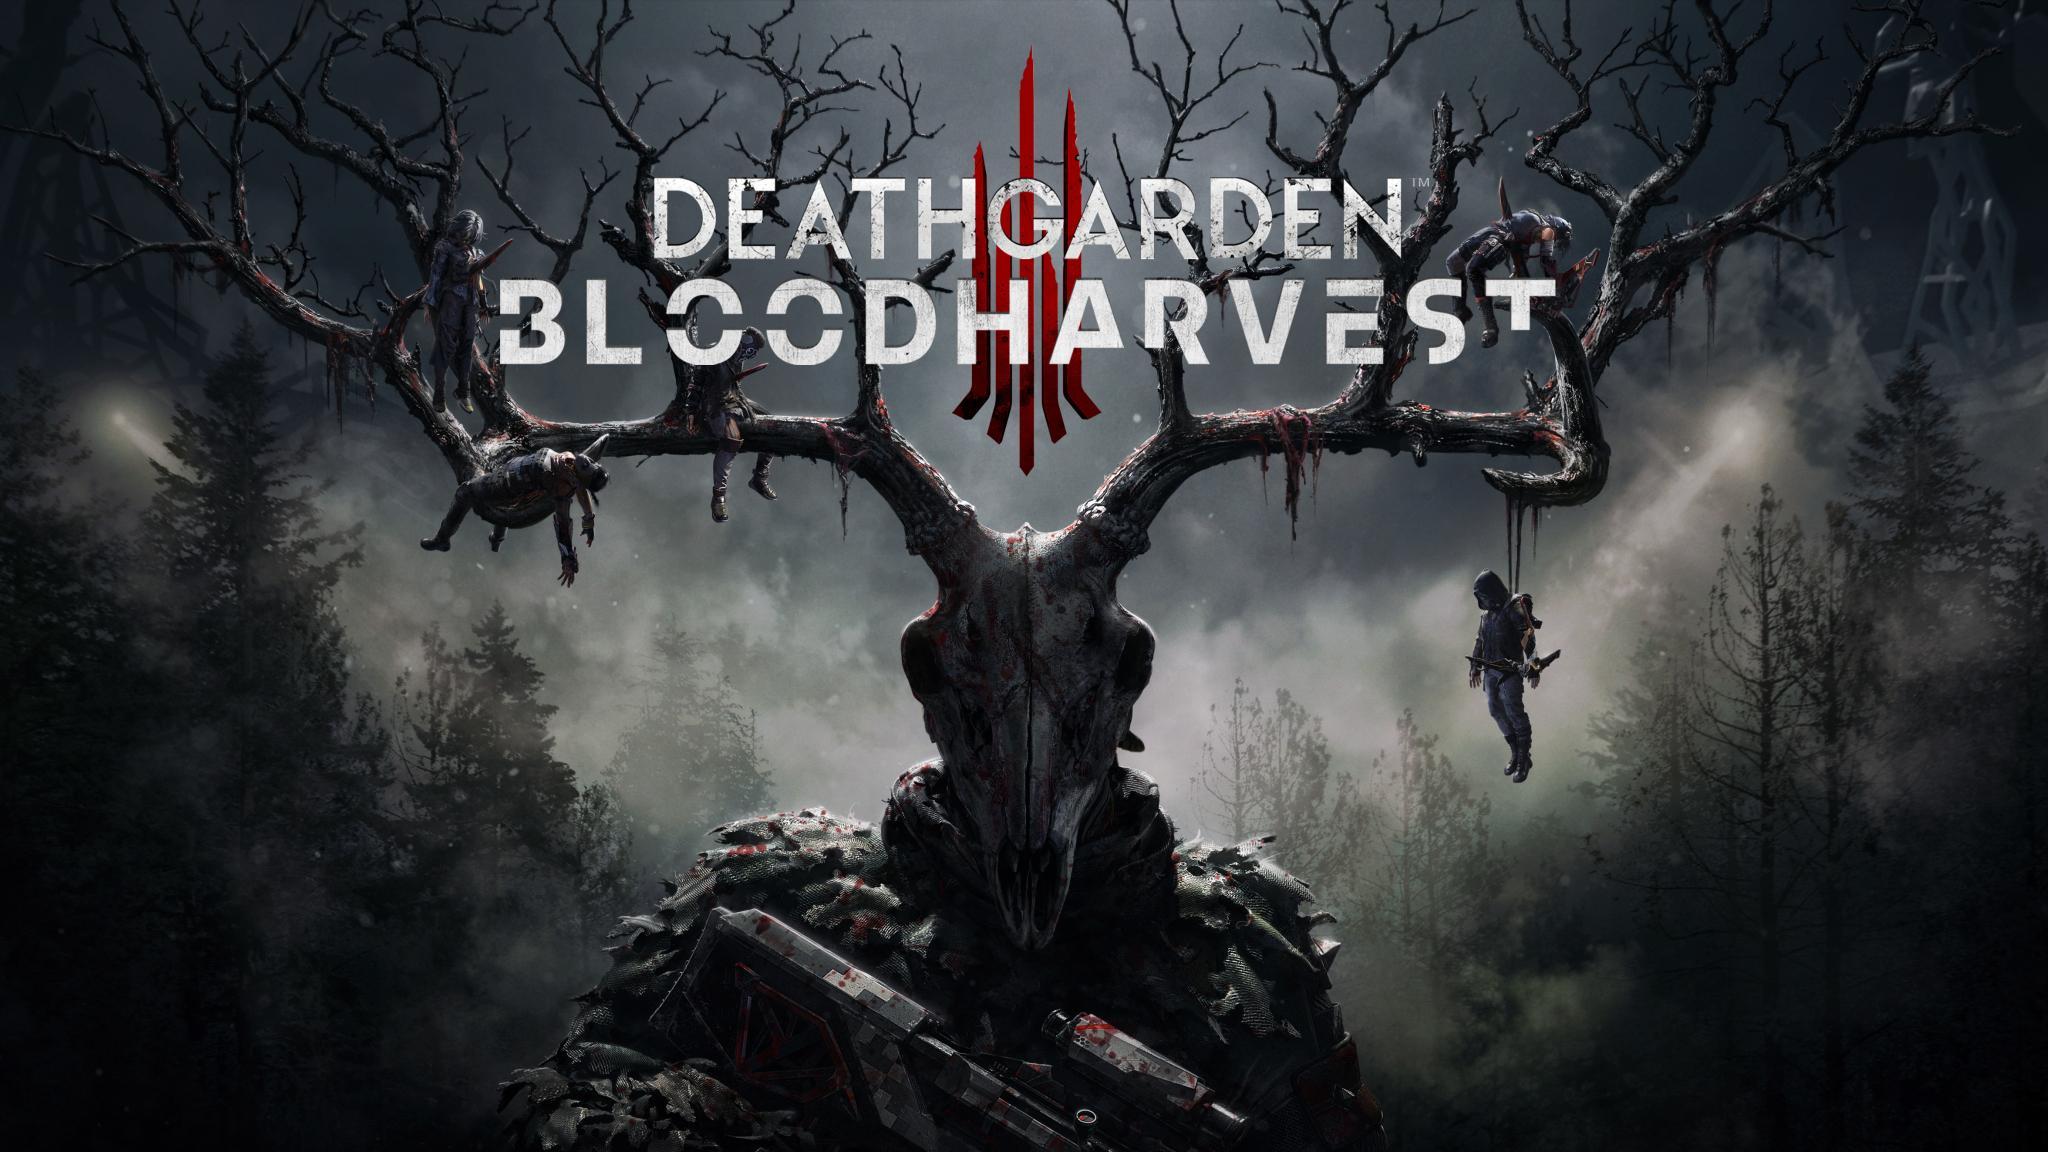 2048x1152 Deathgarden Bloodharvest 4k 2048x1152 Resolution